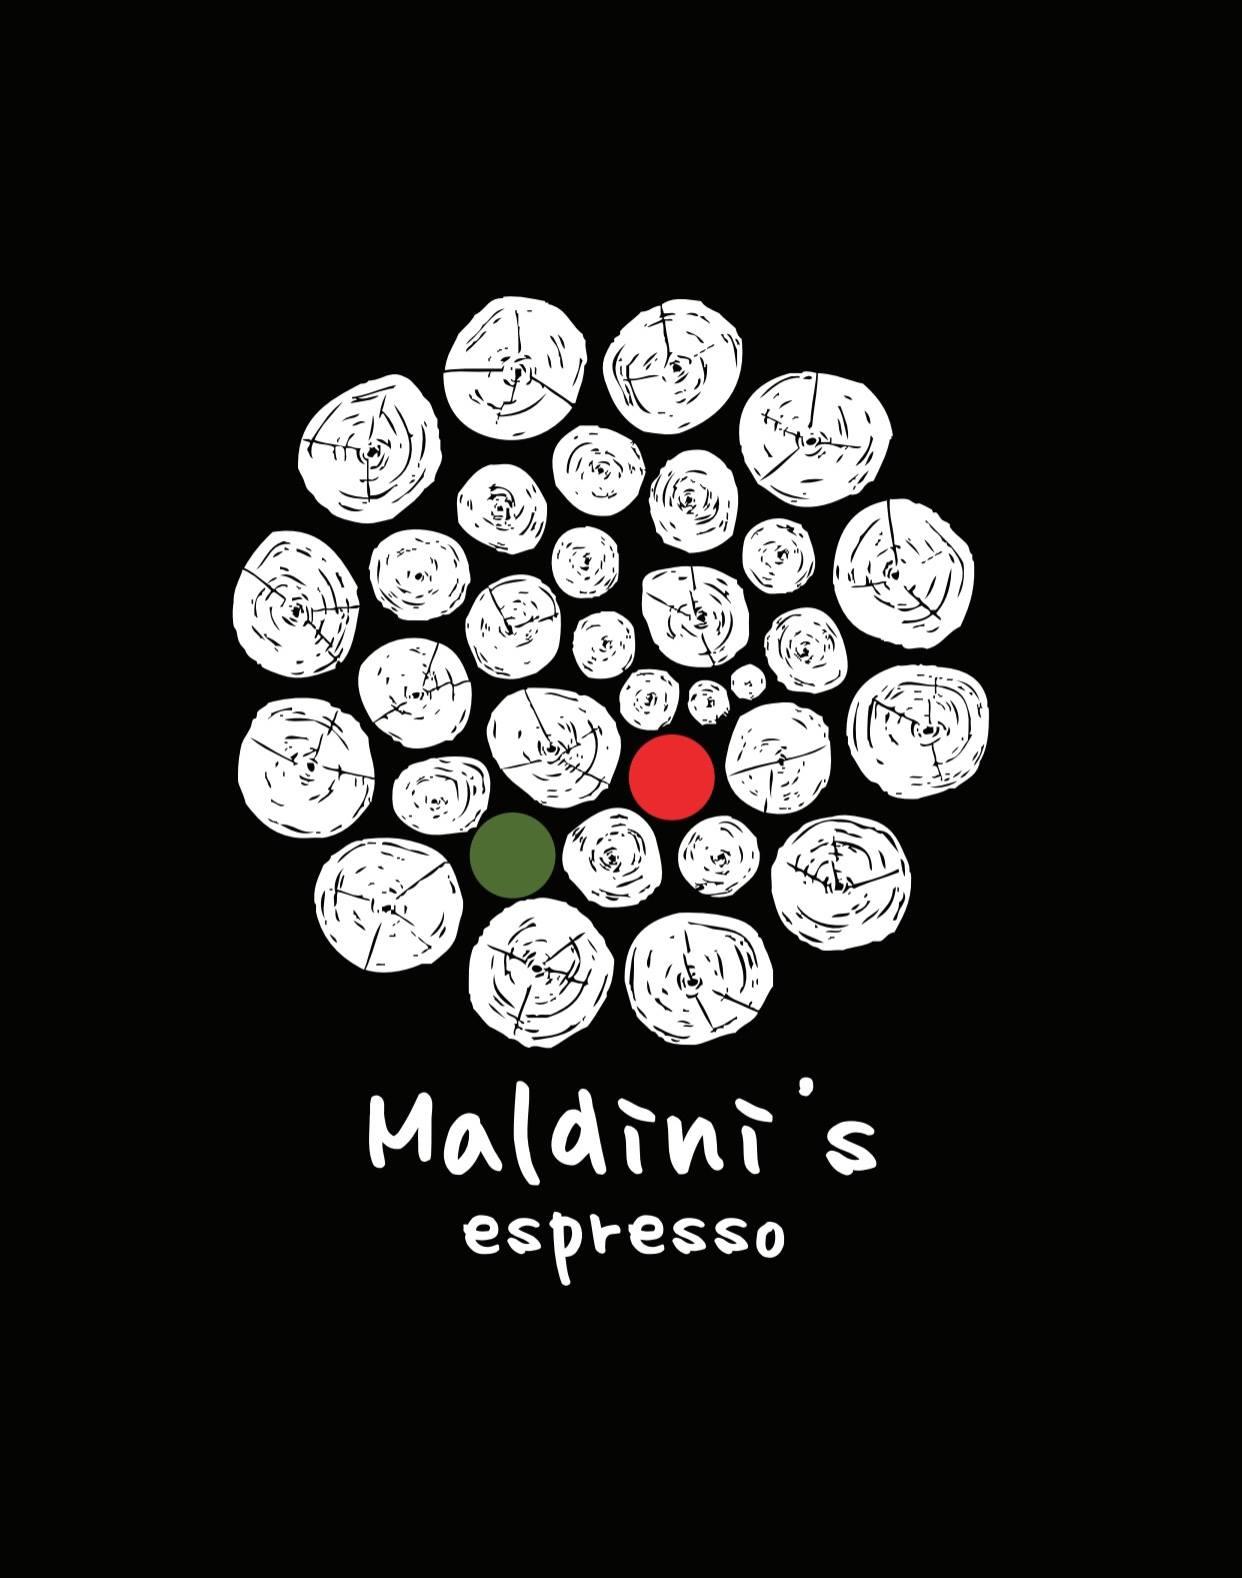 Maldini's Espresso logo